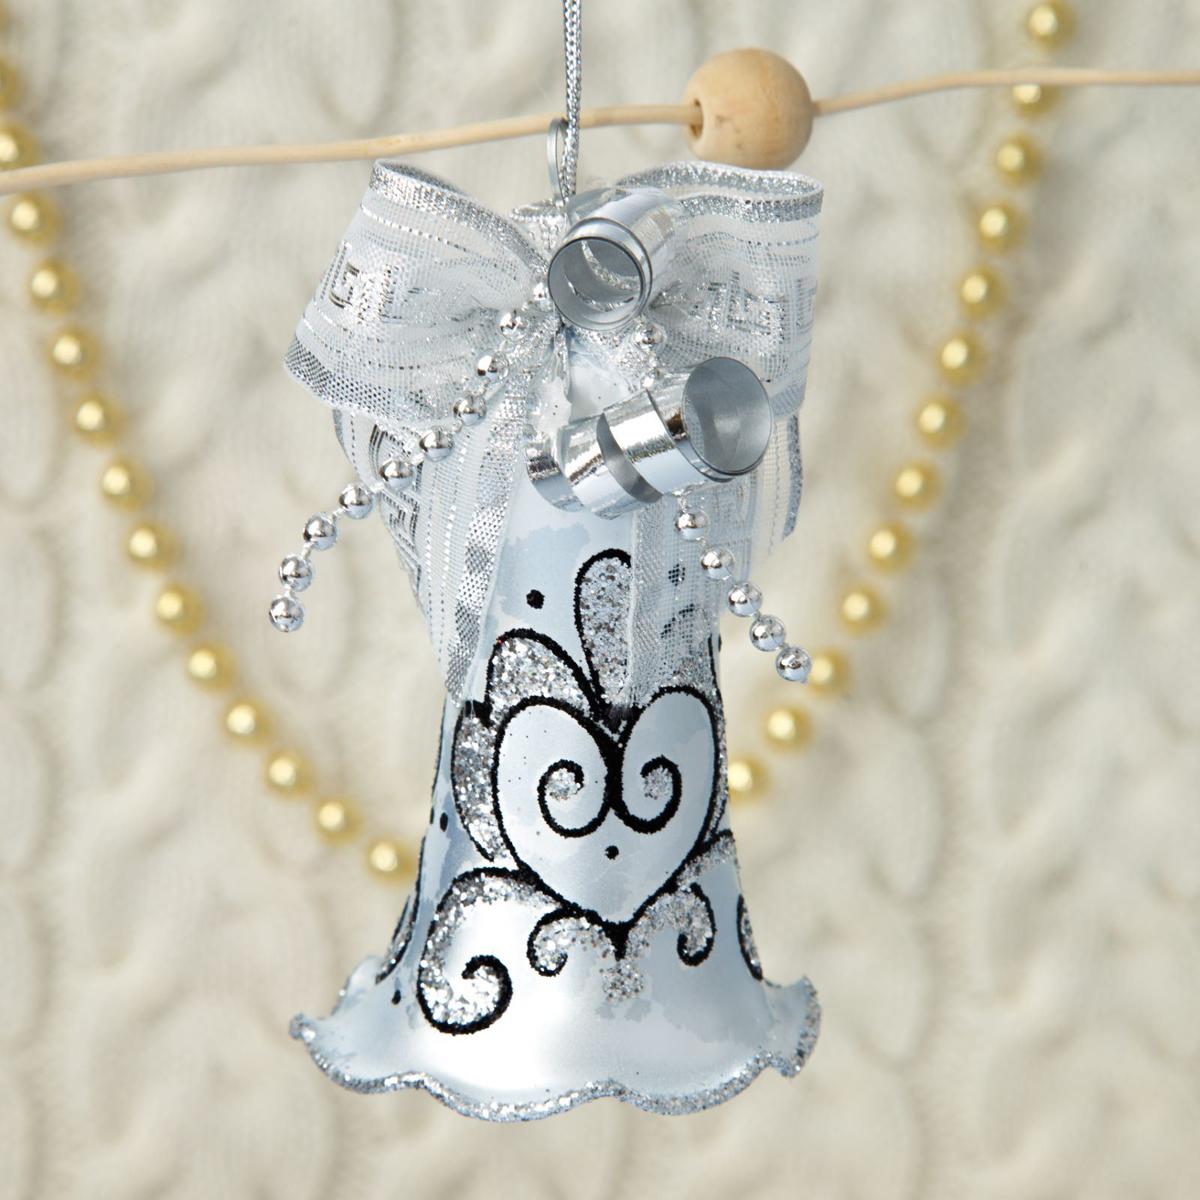 Новогоднее подвесное украшение Ёлочка Серебристый колокольчик, 6,5 х 6 х 13 см2564825Новогоднее подвесное украшение Ёлочка отлично подойдет для декорации вашего дома и новогодней ели. Новогоднее украшение можно повесить в любом понравившемся вам месте. Но, конечно, удачнее всего оно будет смотреться на праздничной елке.Елочная игрушка - символ Нового года. Она несет в себе волшебство и красоту праздника. Такое украшение создаст в вашем доме атмосферу праздника, веселья и радости.